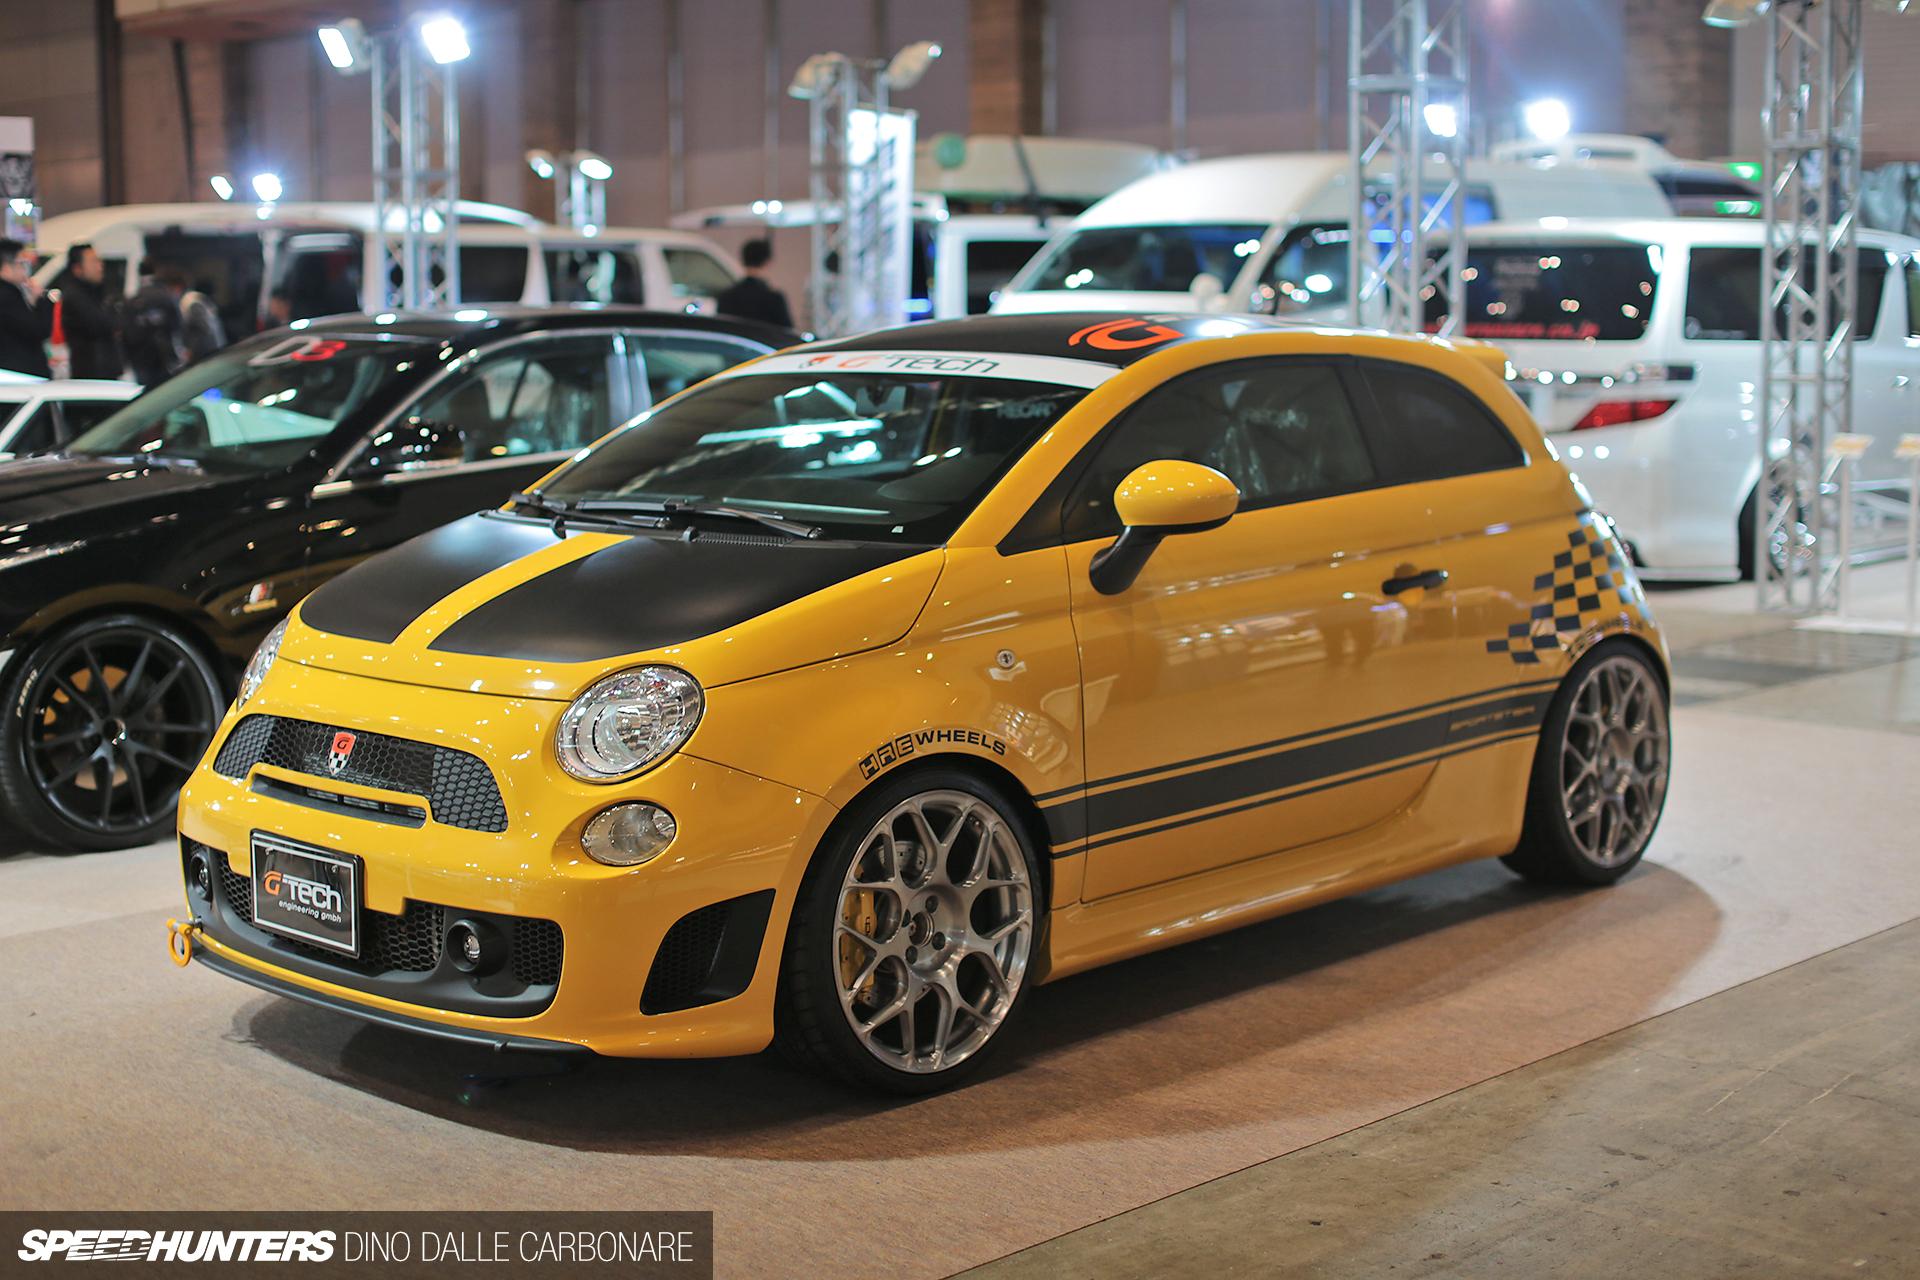 Tuning Fiat 500 G Wallpaper 1920x1280 231165 Wallpaperup